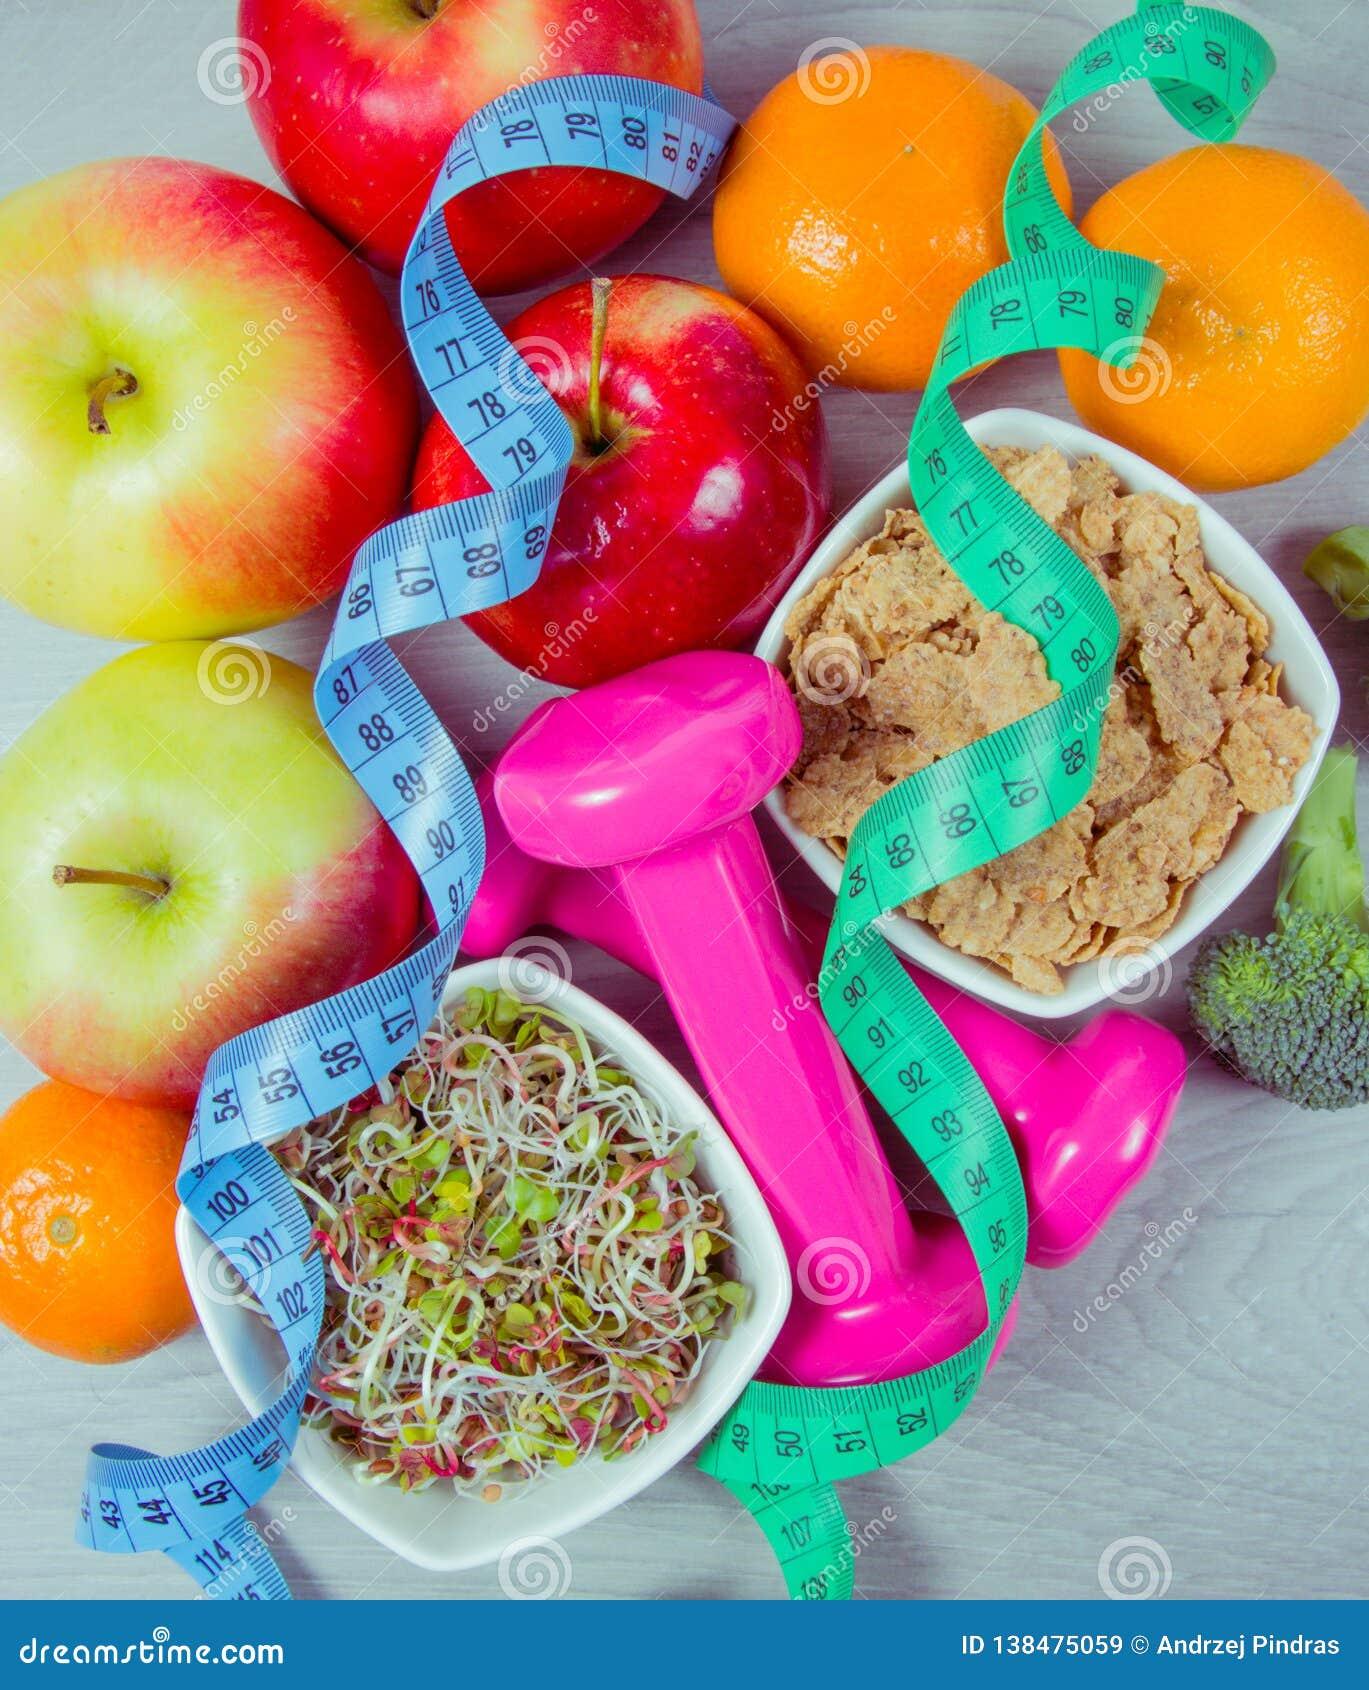 Dieta saudável, perda de peso - conceito de comer saudável